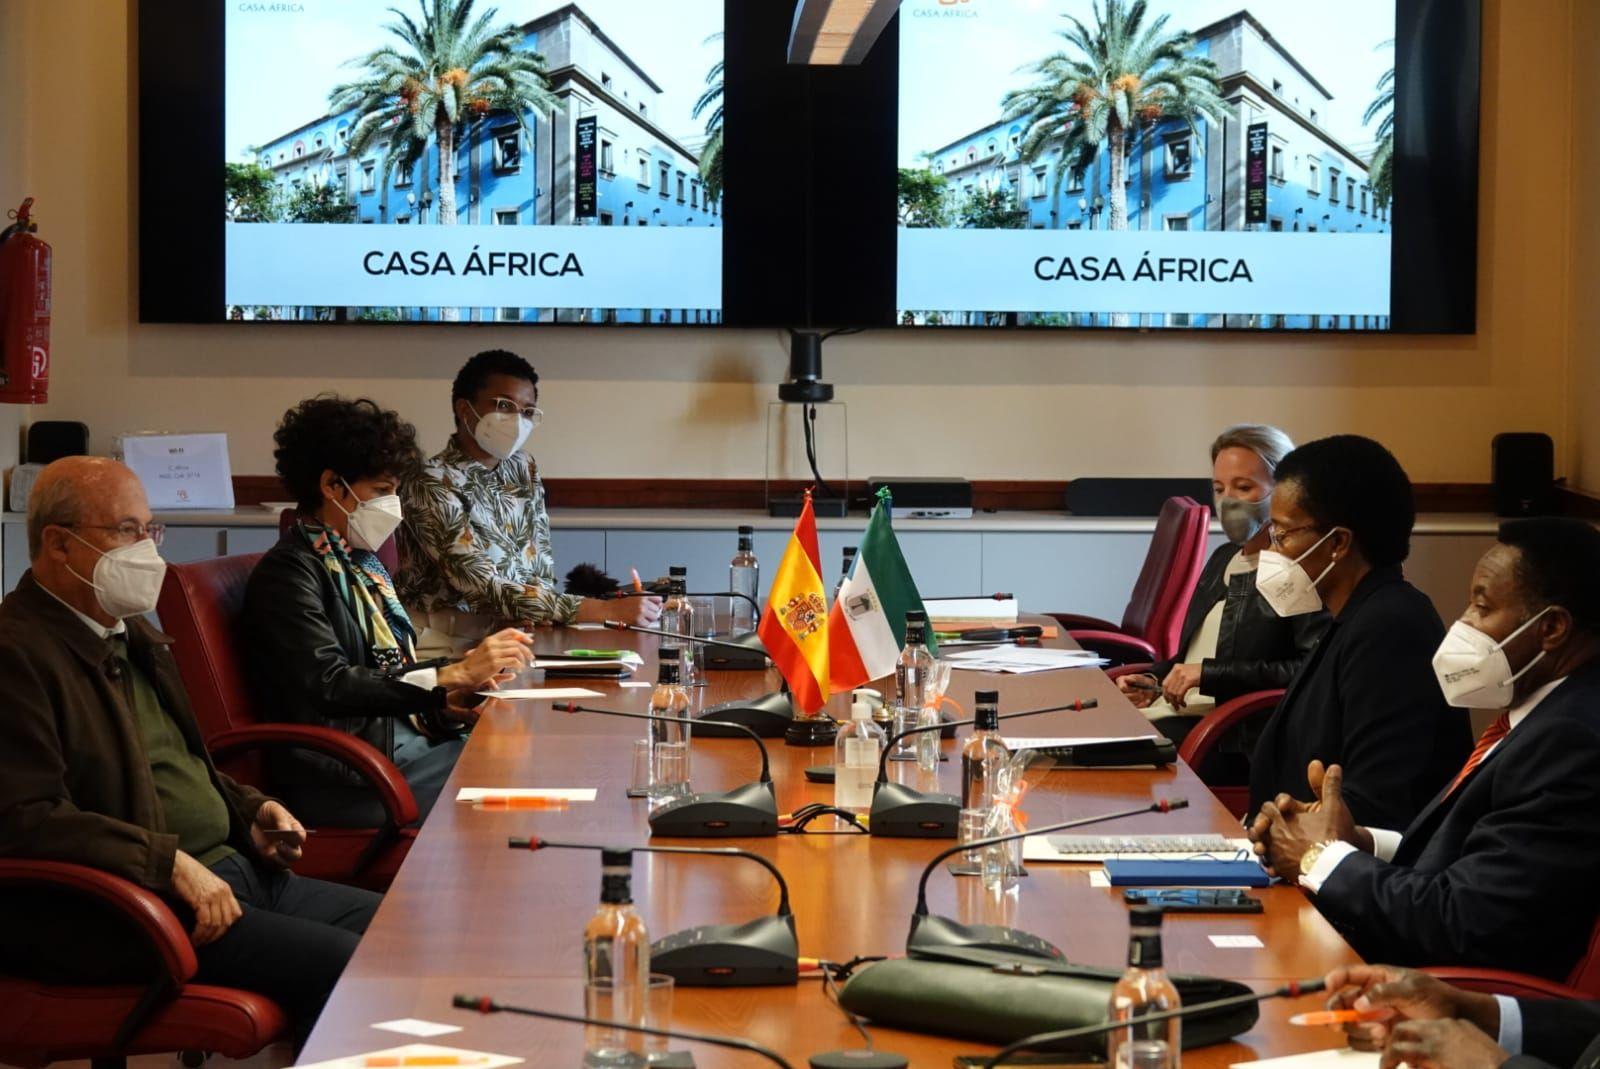 El embajador de Guinea Ecuatorial en España visita Casa África. Aquí la delegación en la Sala del Consejo de Casa África, donde conocieron los programas de la institución.